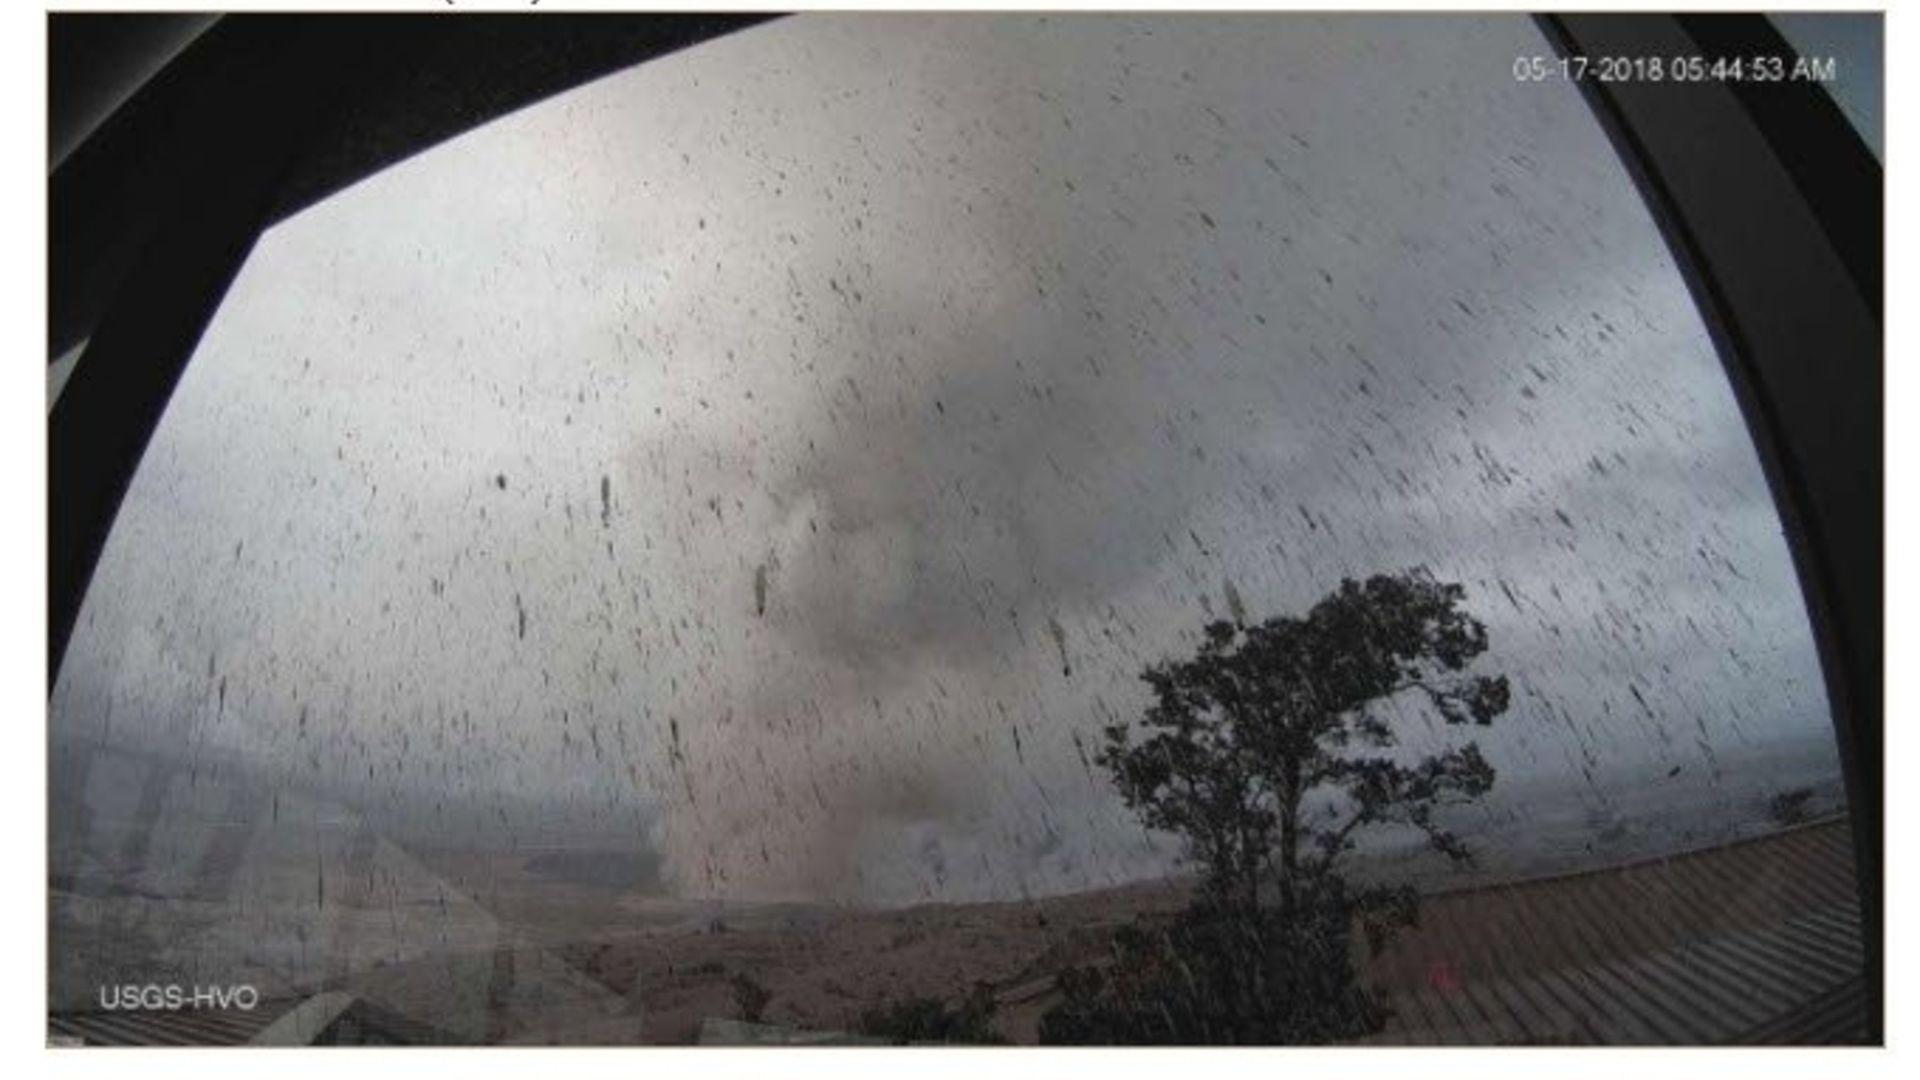 Kilauea's ash plume